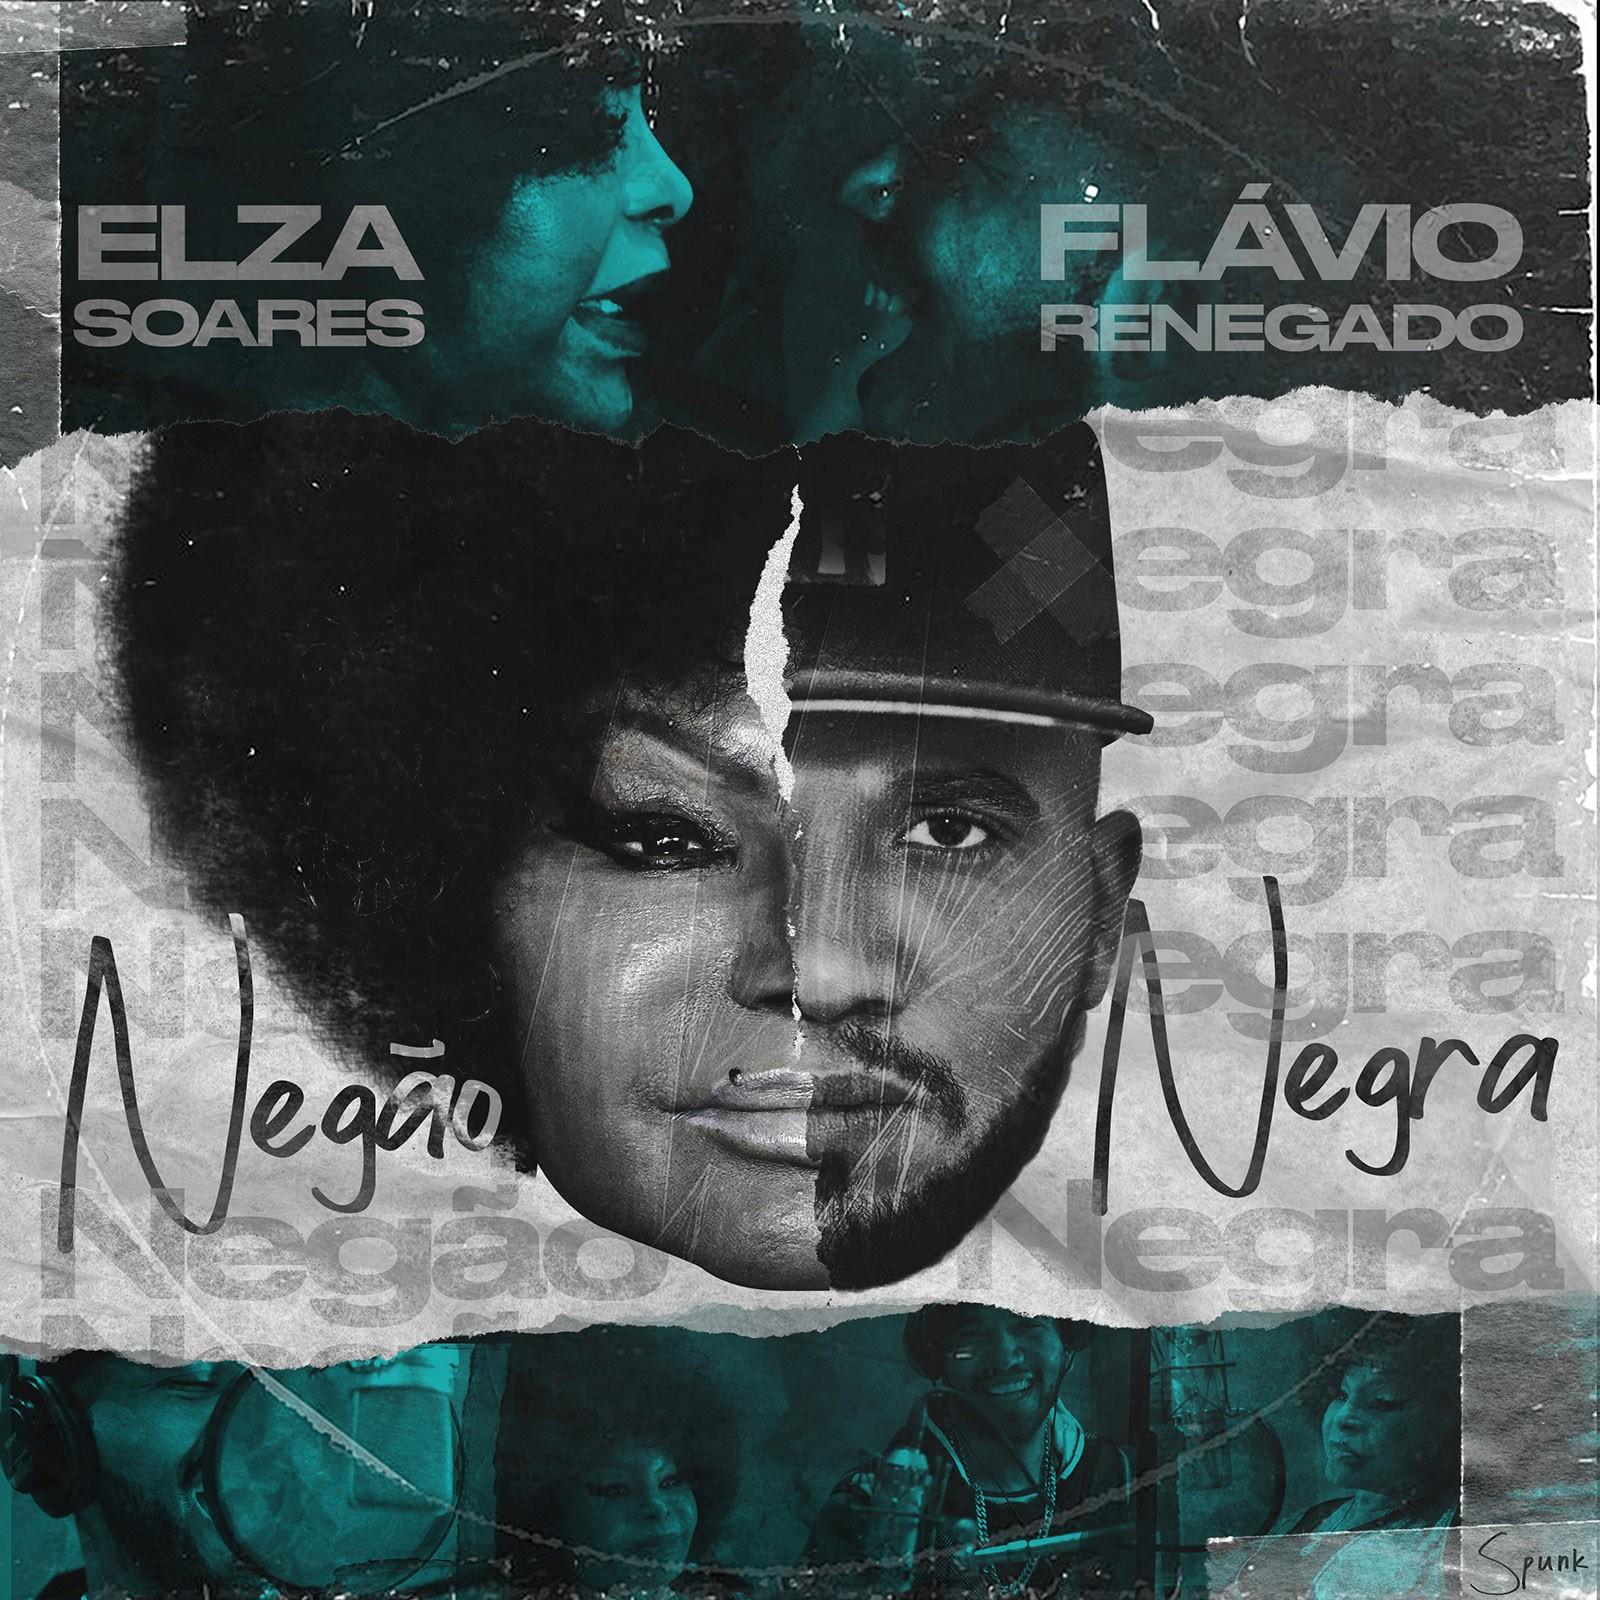 Elza Soares brada contra racismo estrutural em single com rapper Flávio Renegado